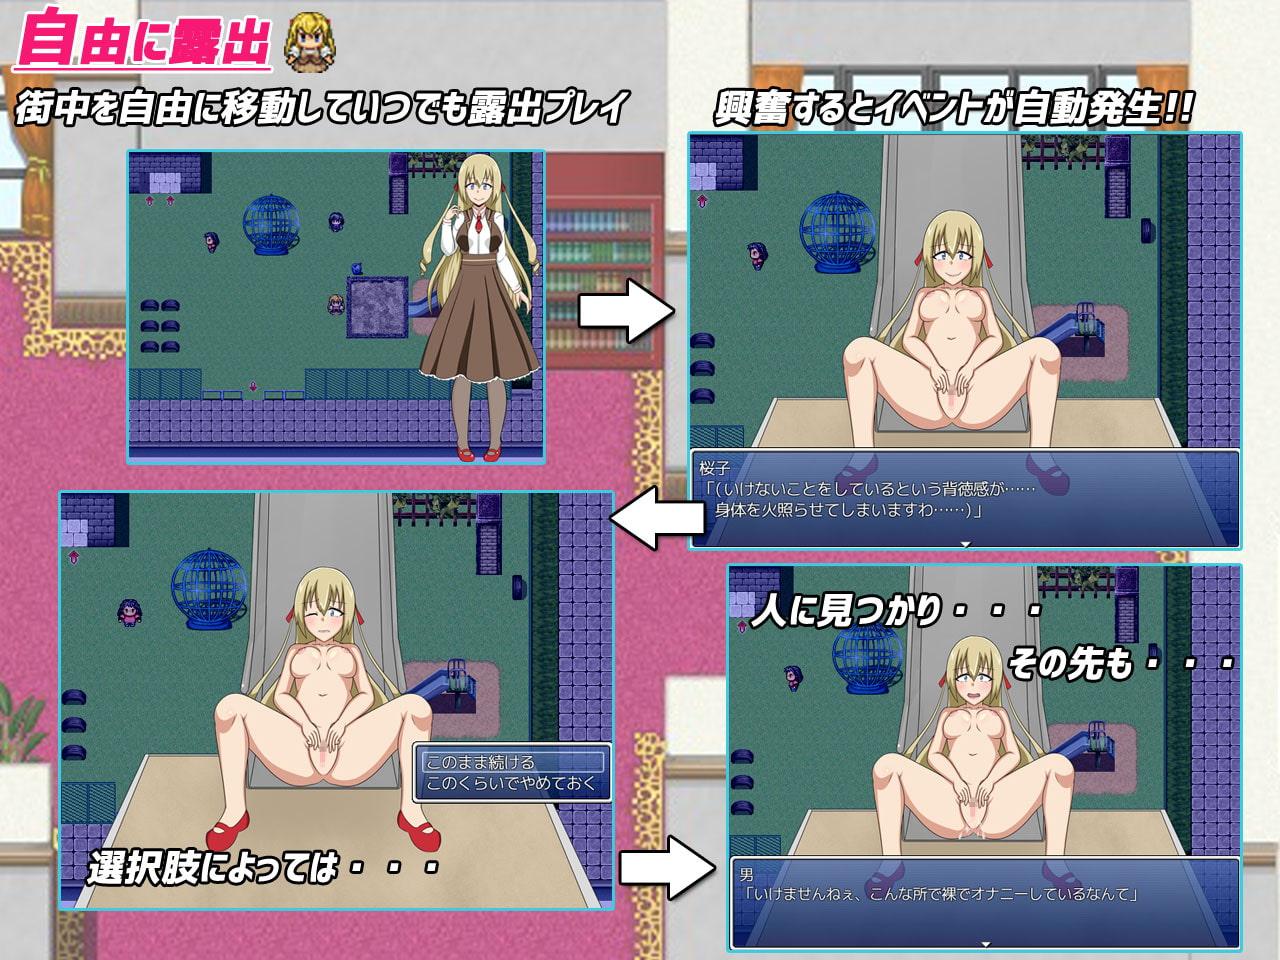 桜子くえすと【露出RPG】